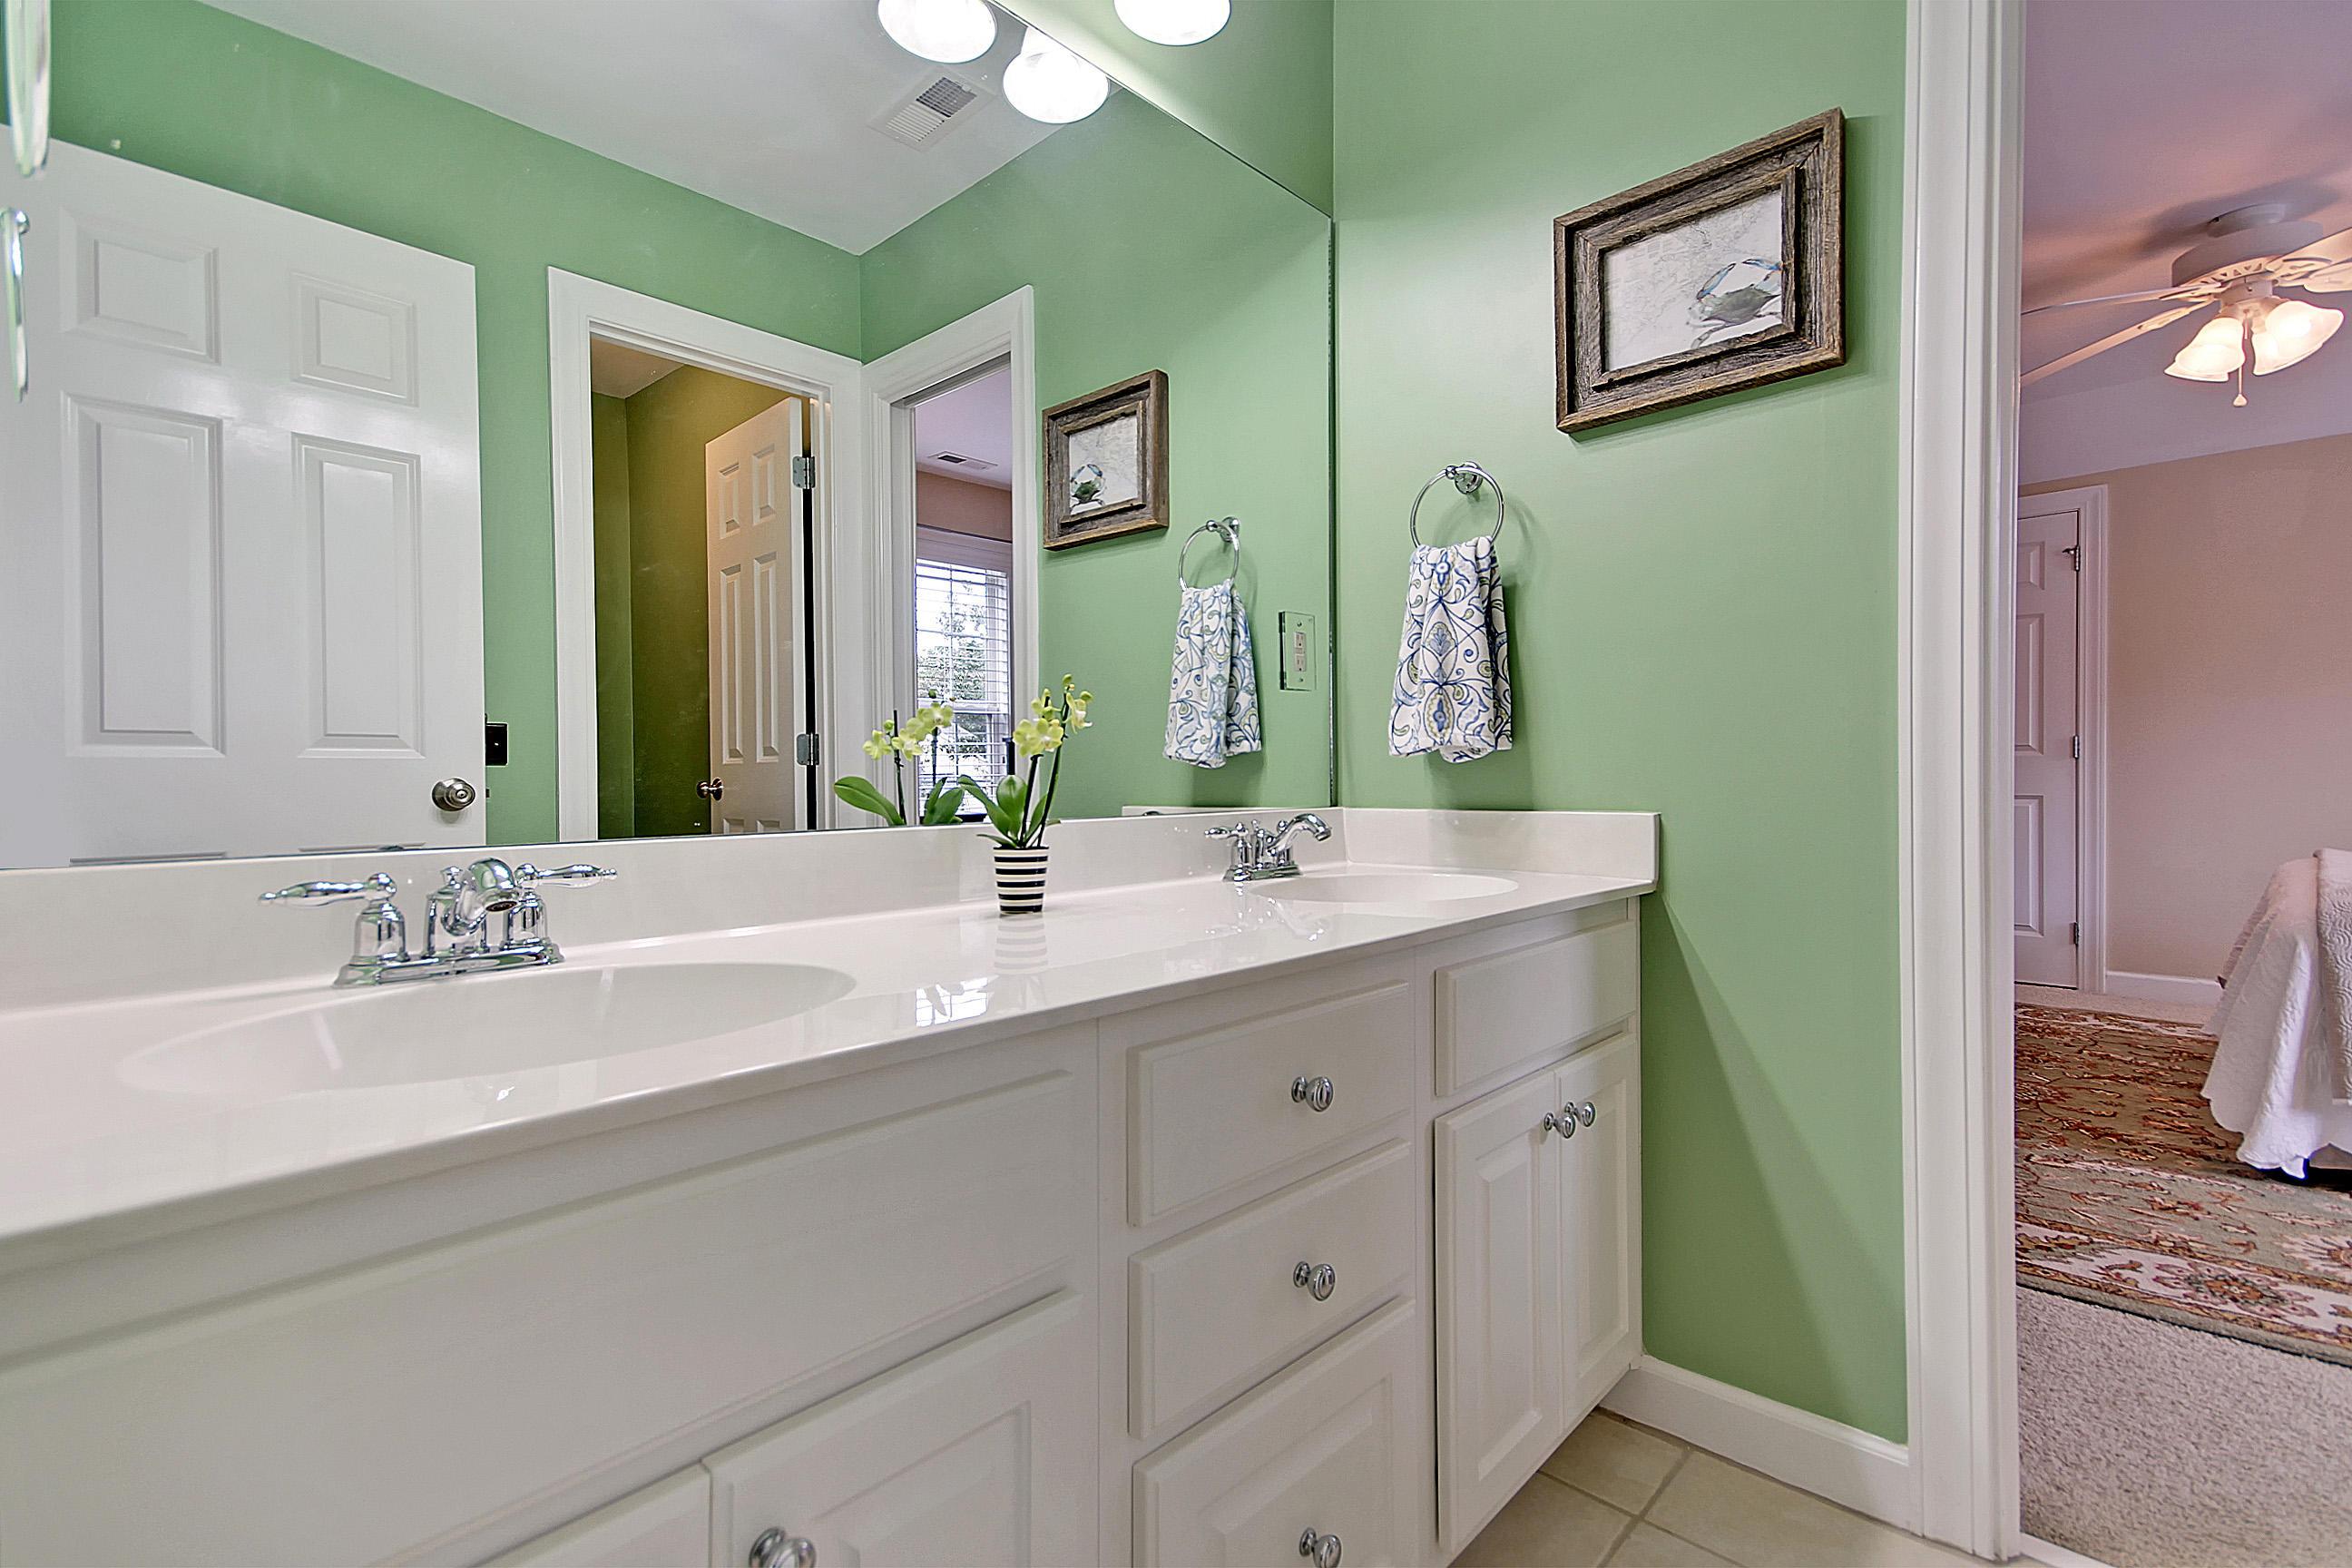 Dunes West Homes For Sale - 3056 Riverwood, Mount Pleasant, SC - 23